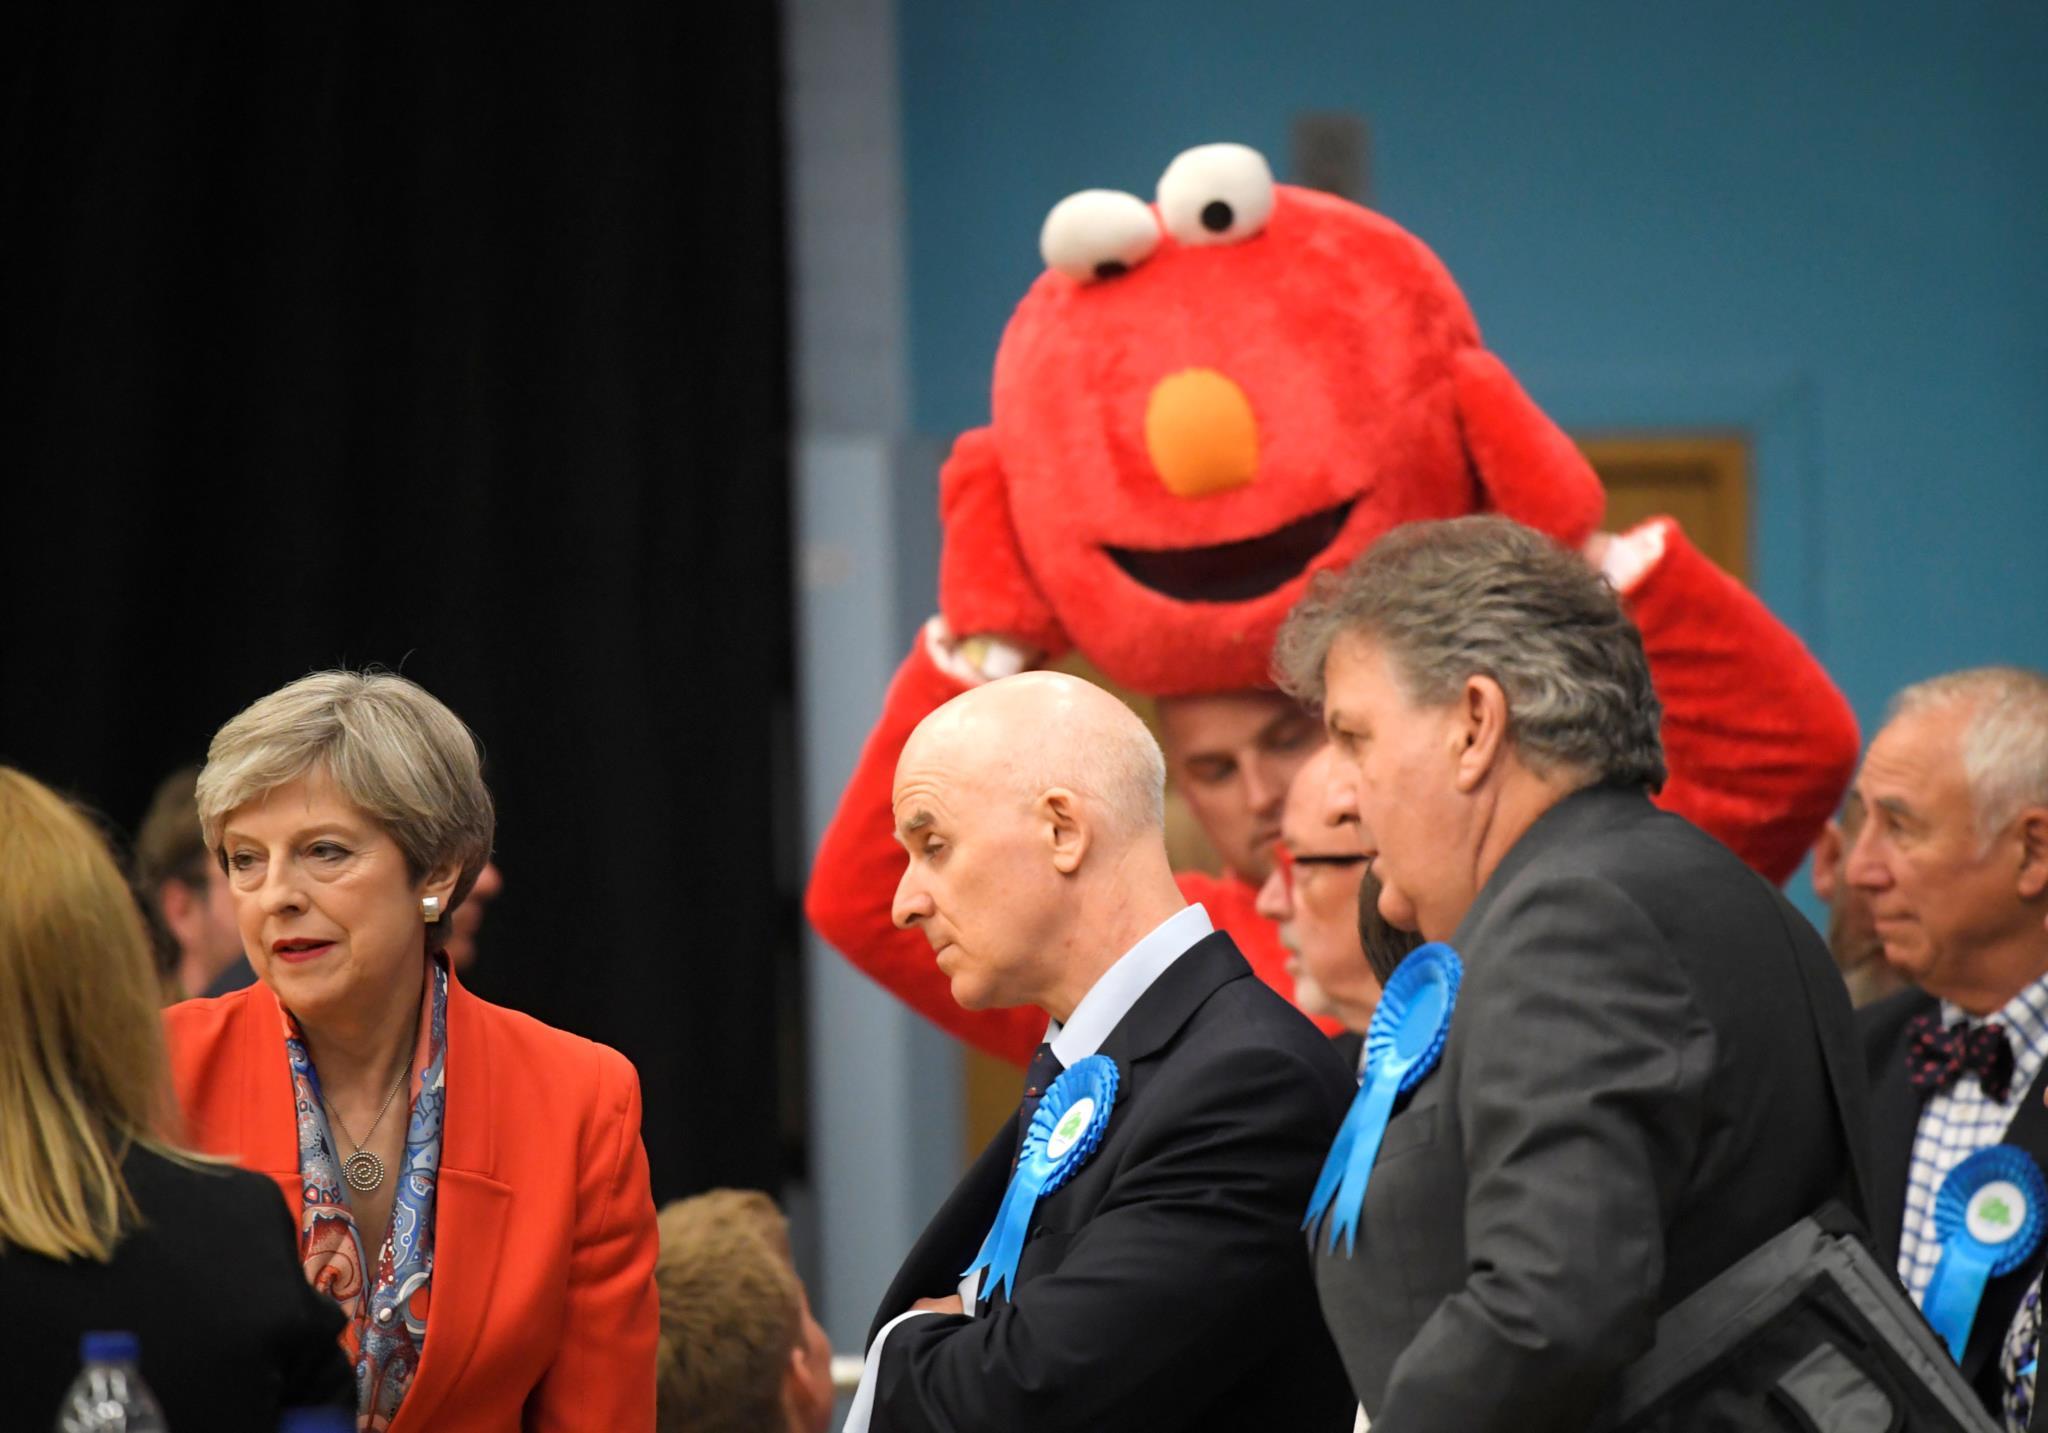 Theresa May rodeado por um candidato vestido de Elmo